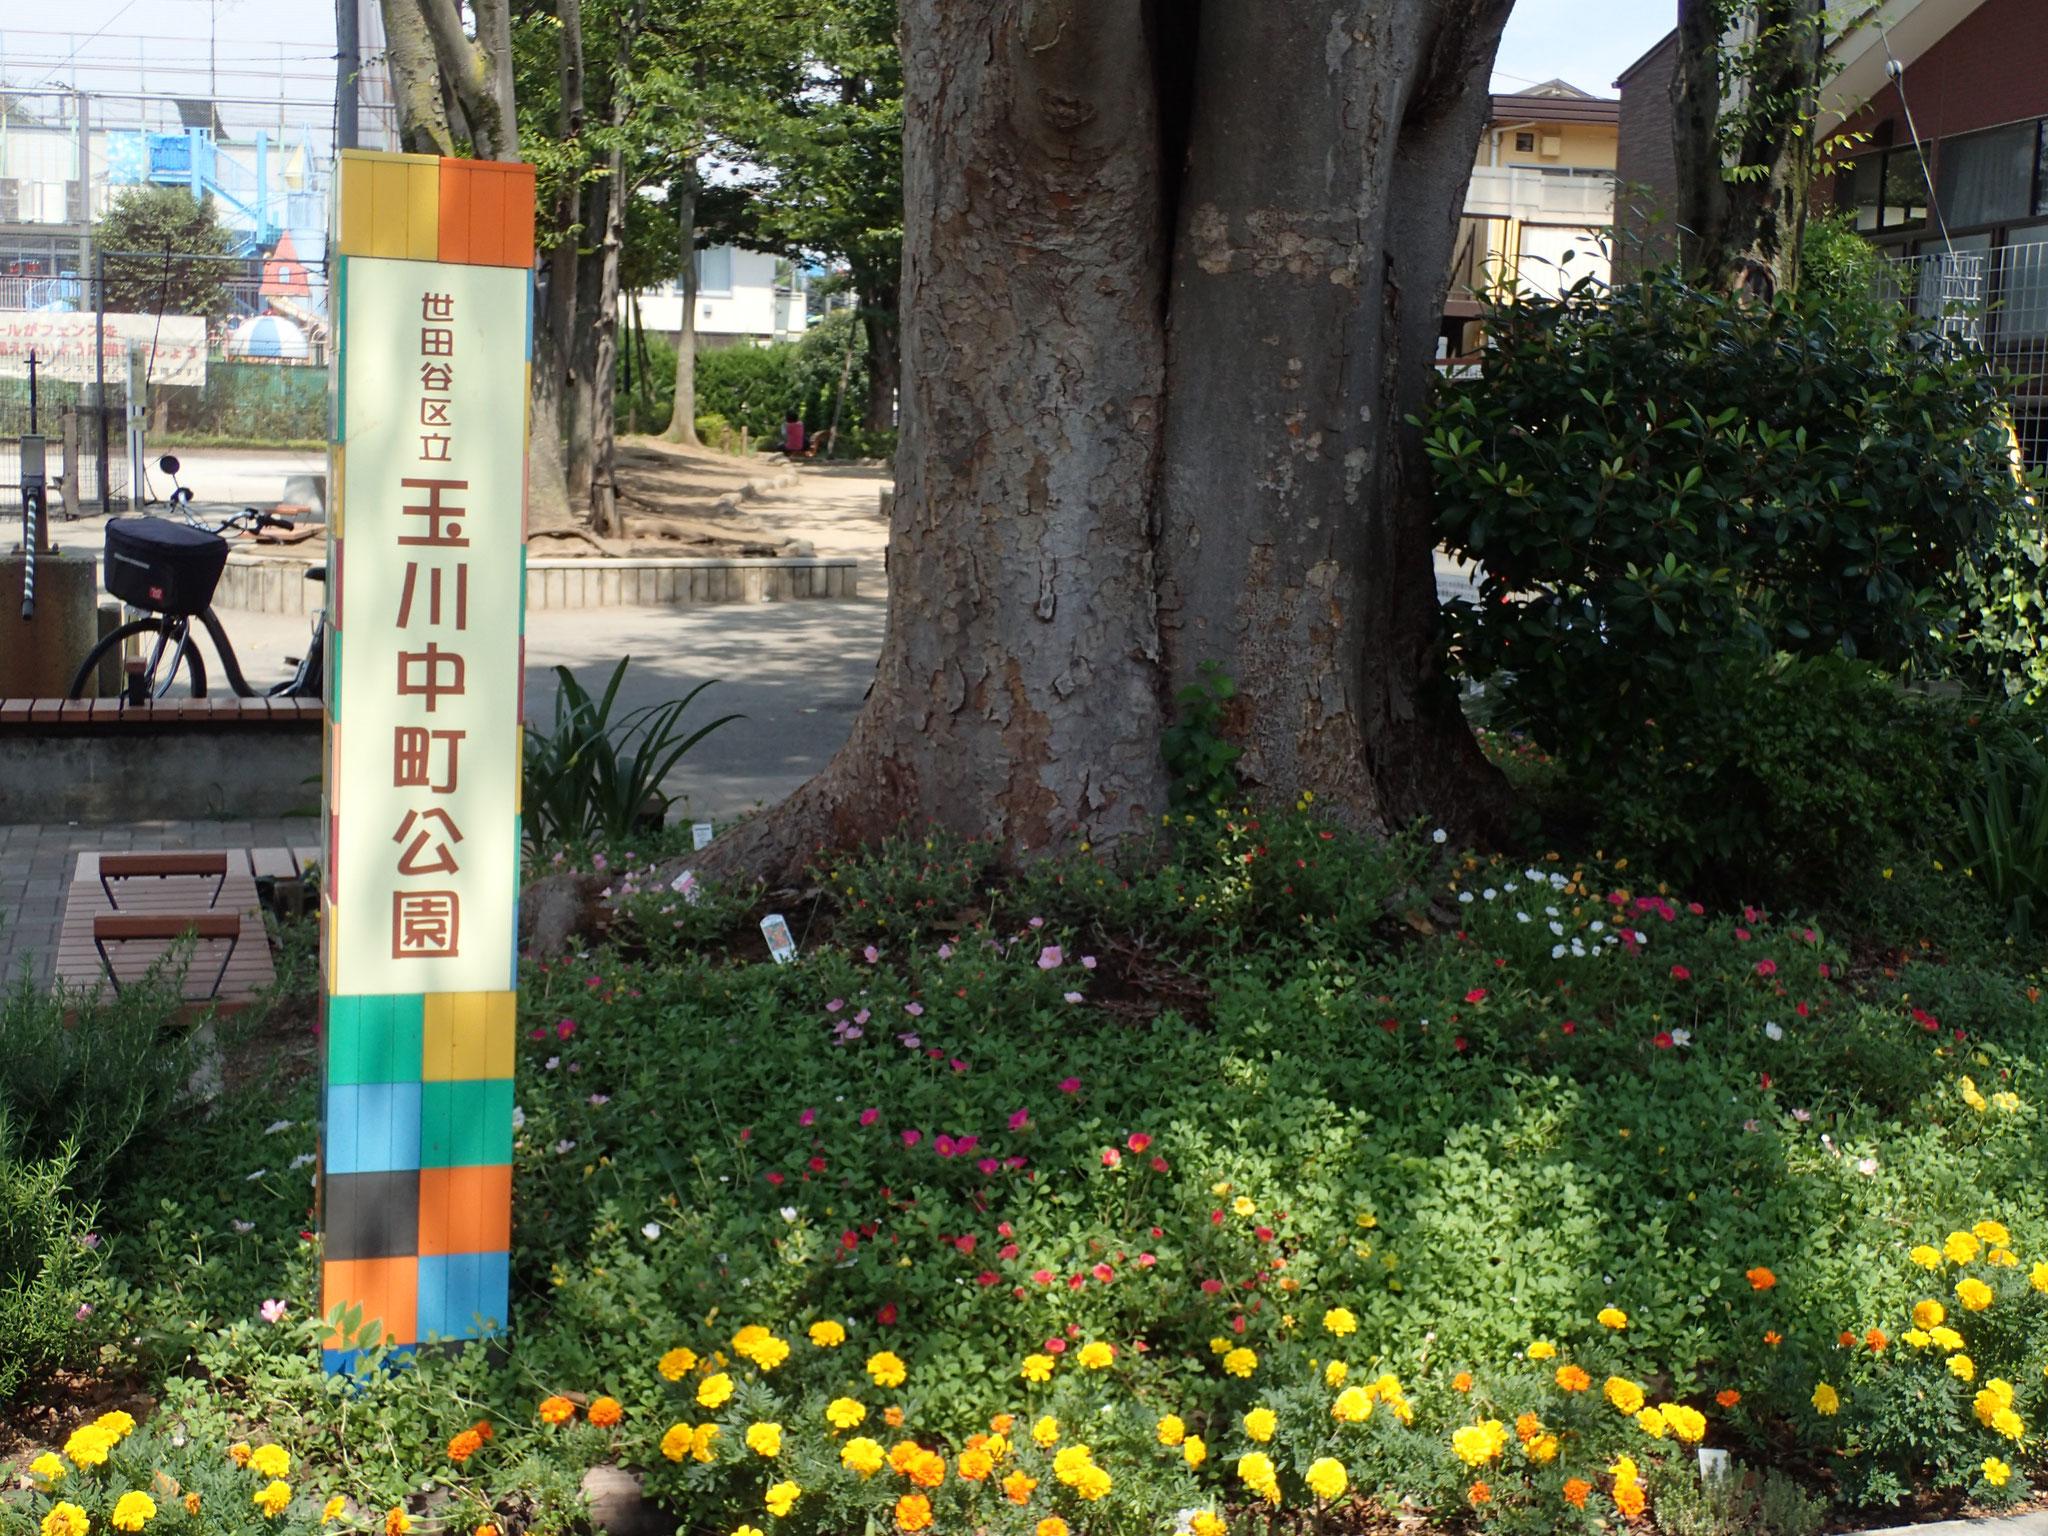 玉川中町公園 住民の憩いの公園です